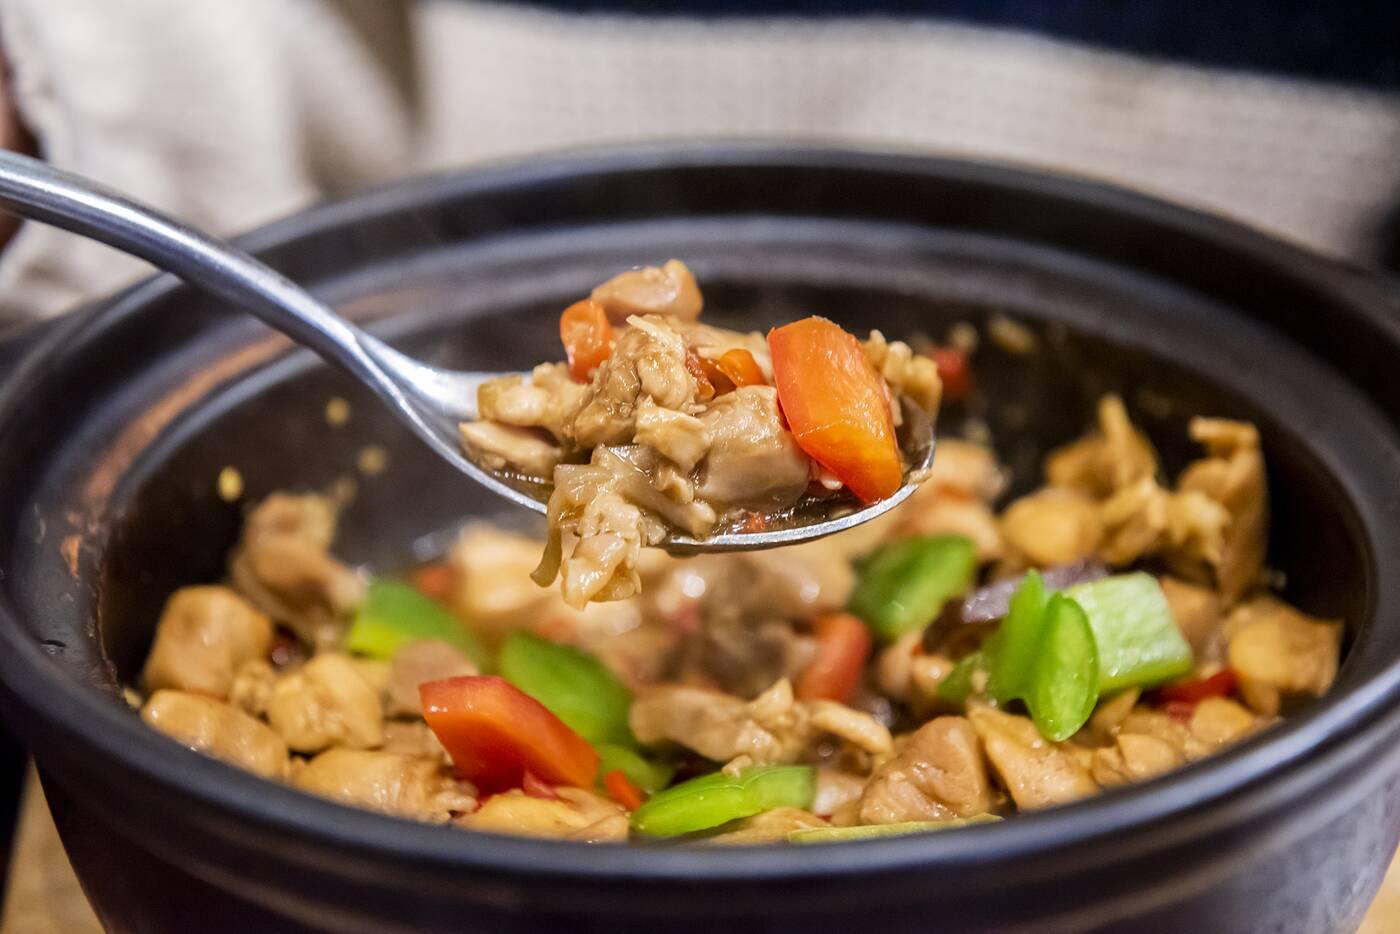 yangs braised chicken toronto